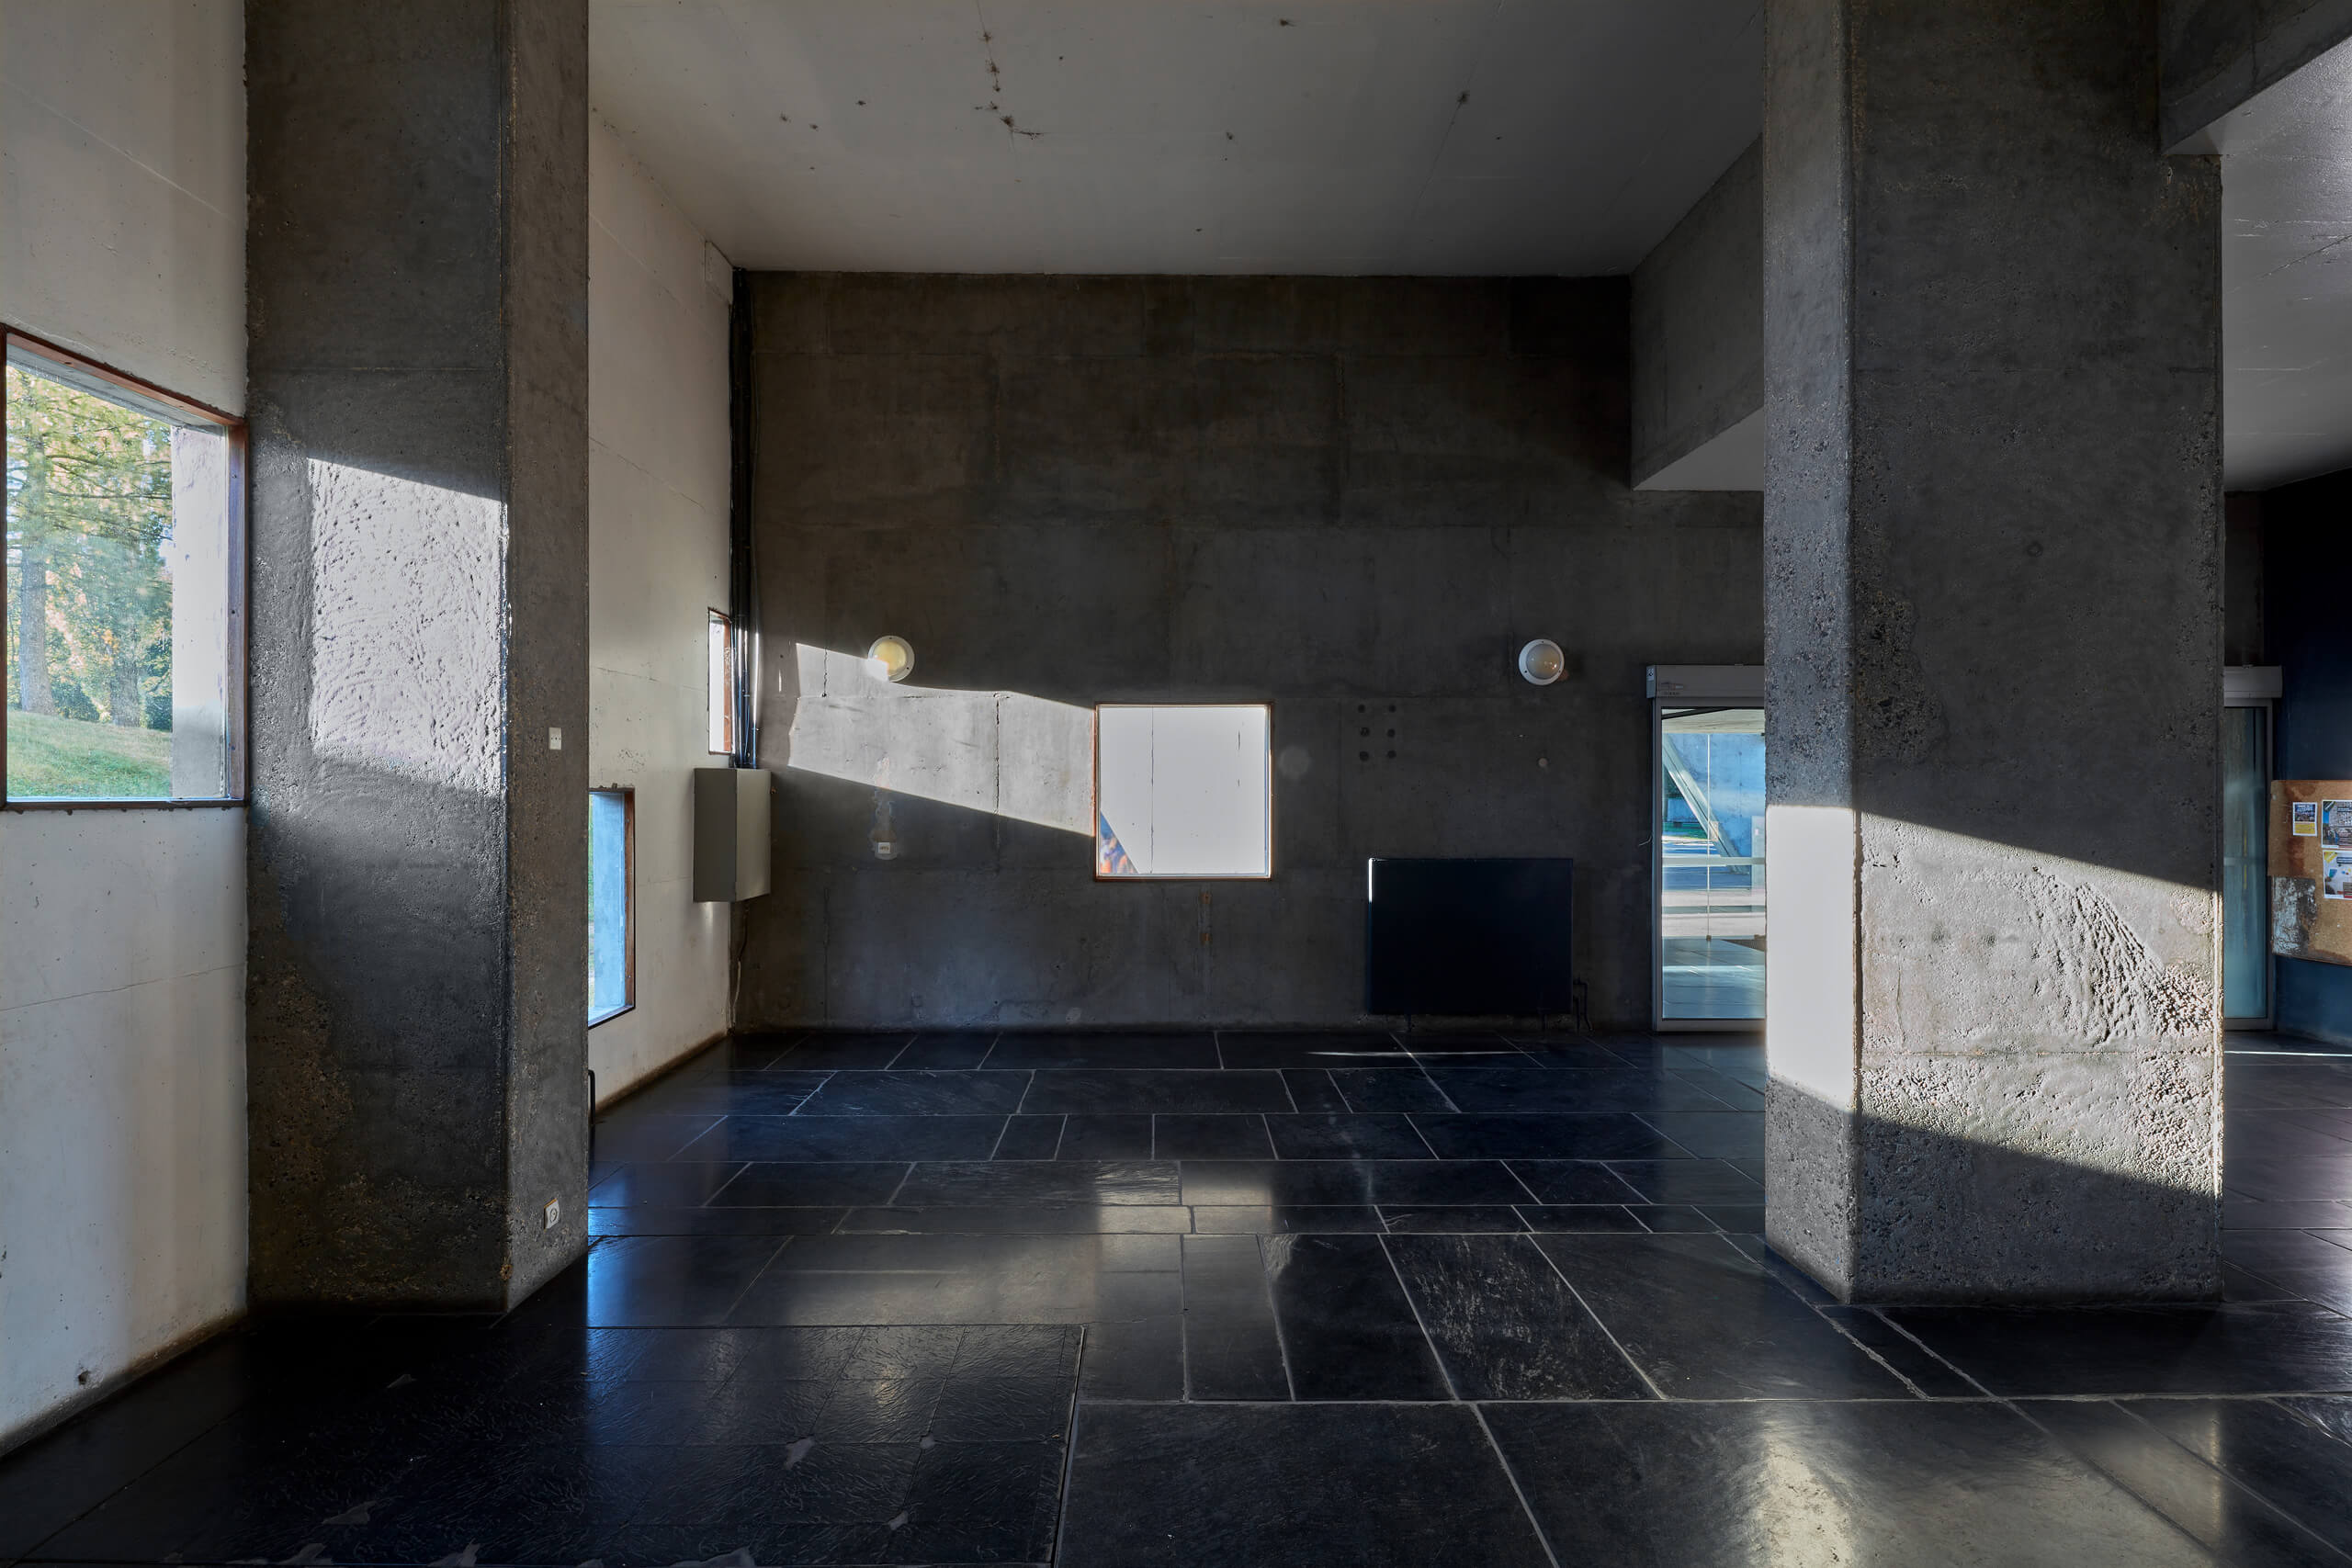 Federico_Covre_Unité_Firminy_Le_Corbusier_2018_18